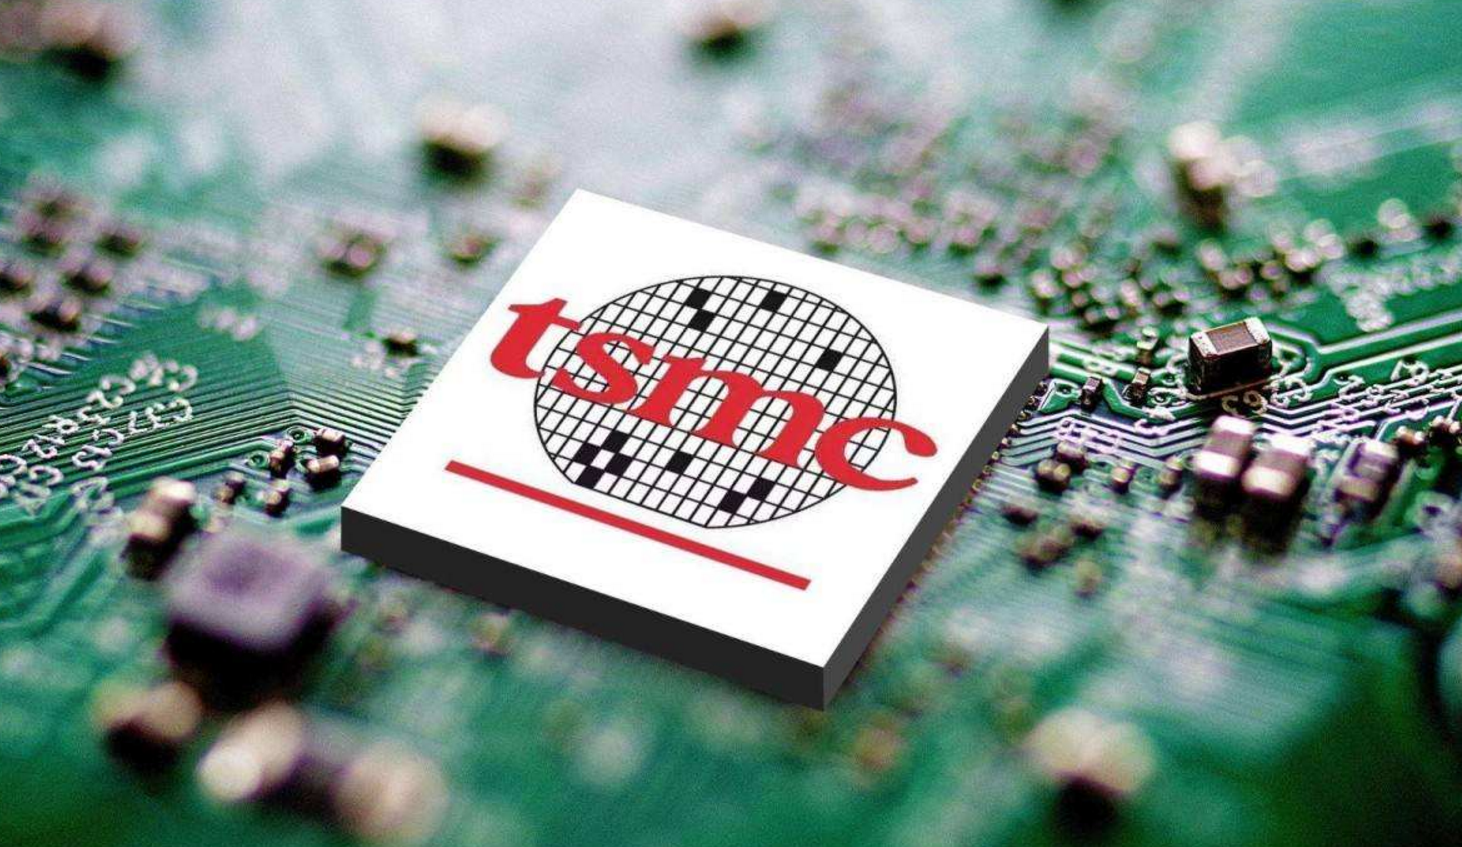 说什么都晚了!华为国产芯片工厂已正式启动,美企业将损失惨重?